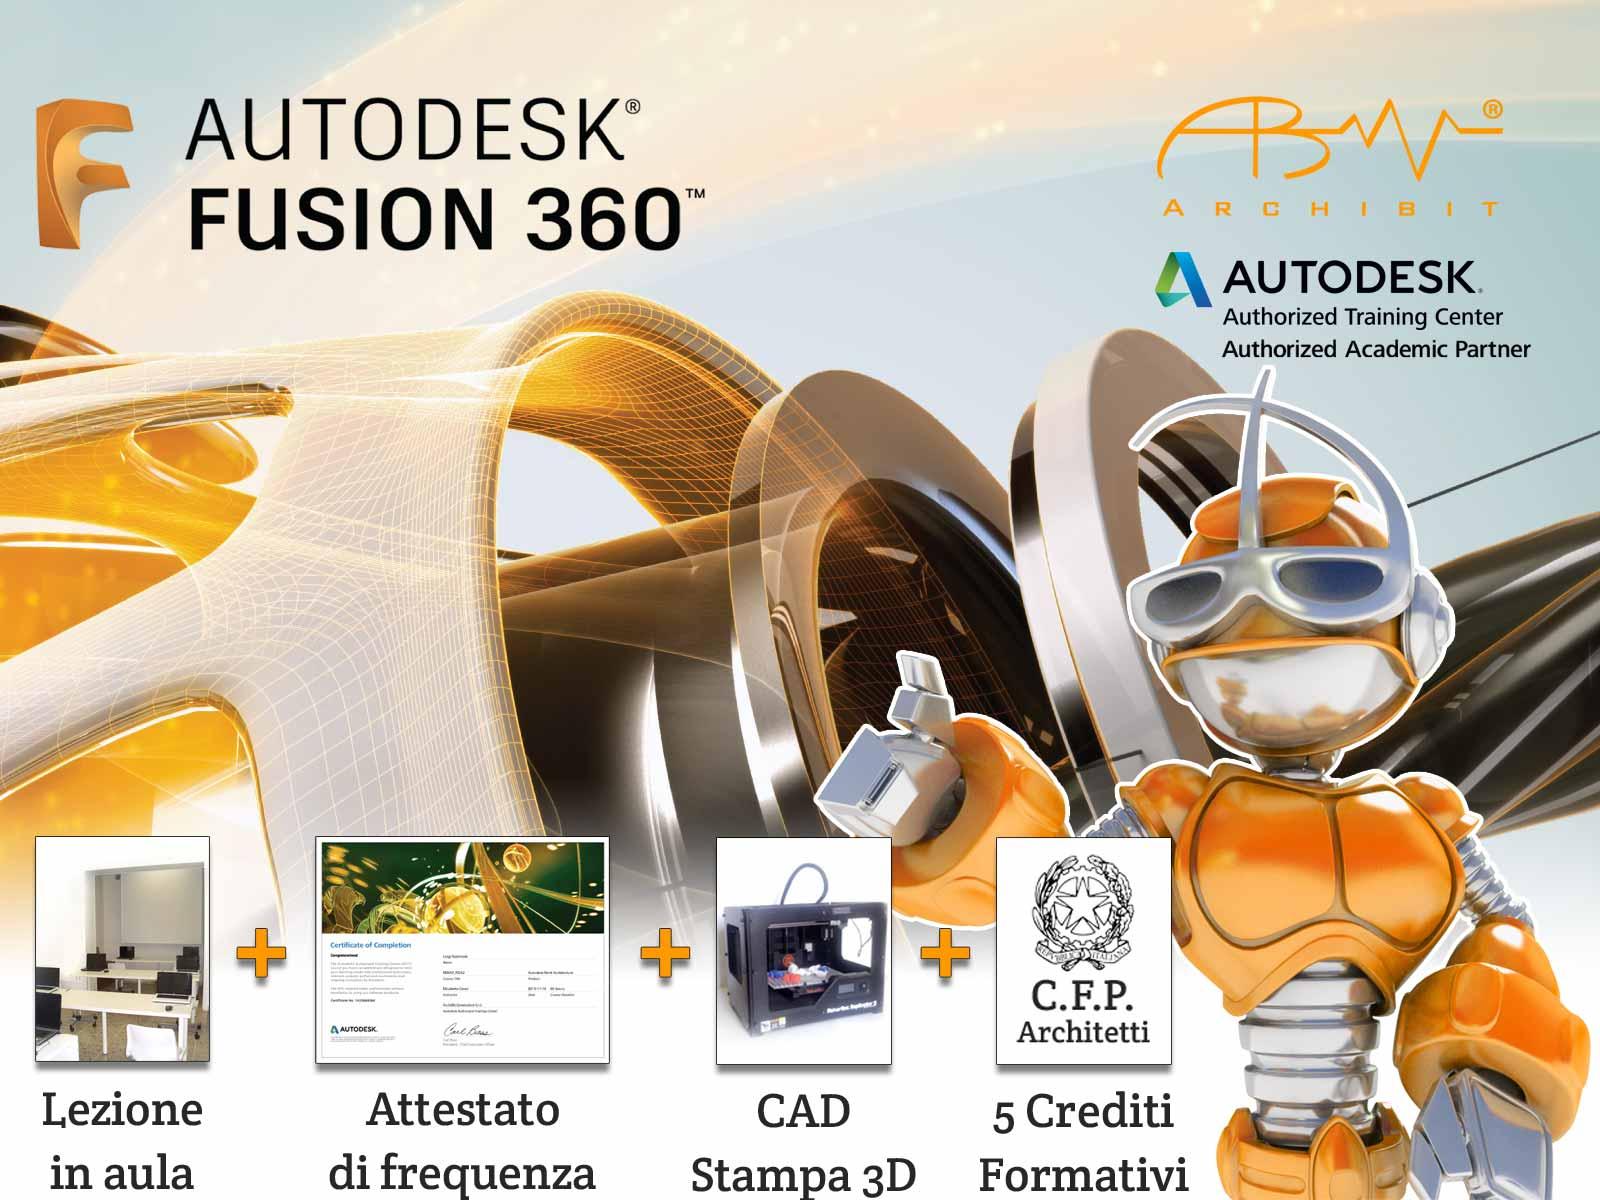 corso fusion 360 corso autodesk fusion360 archibit centro corsi autodesk roma crediti formativi per architetti